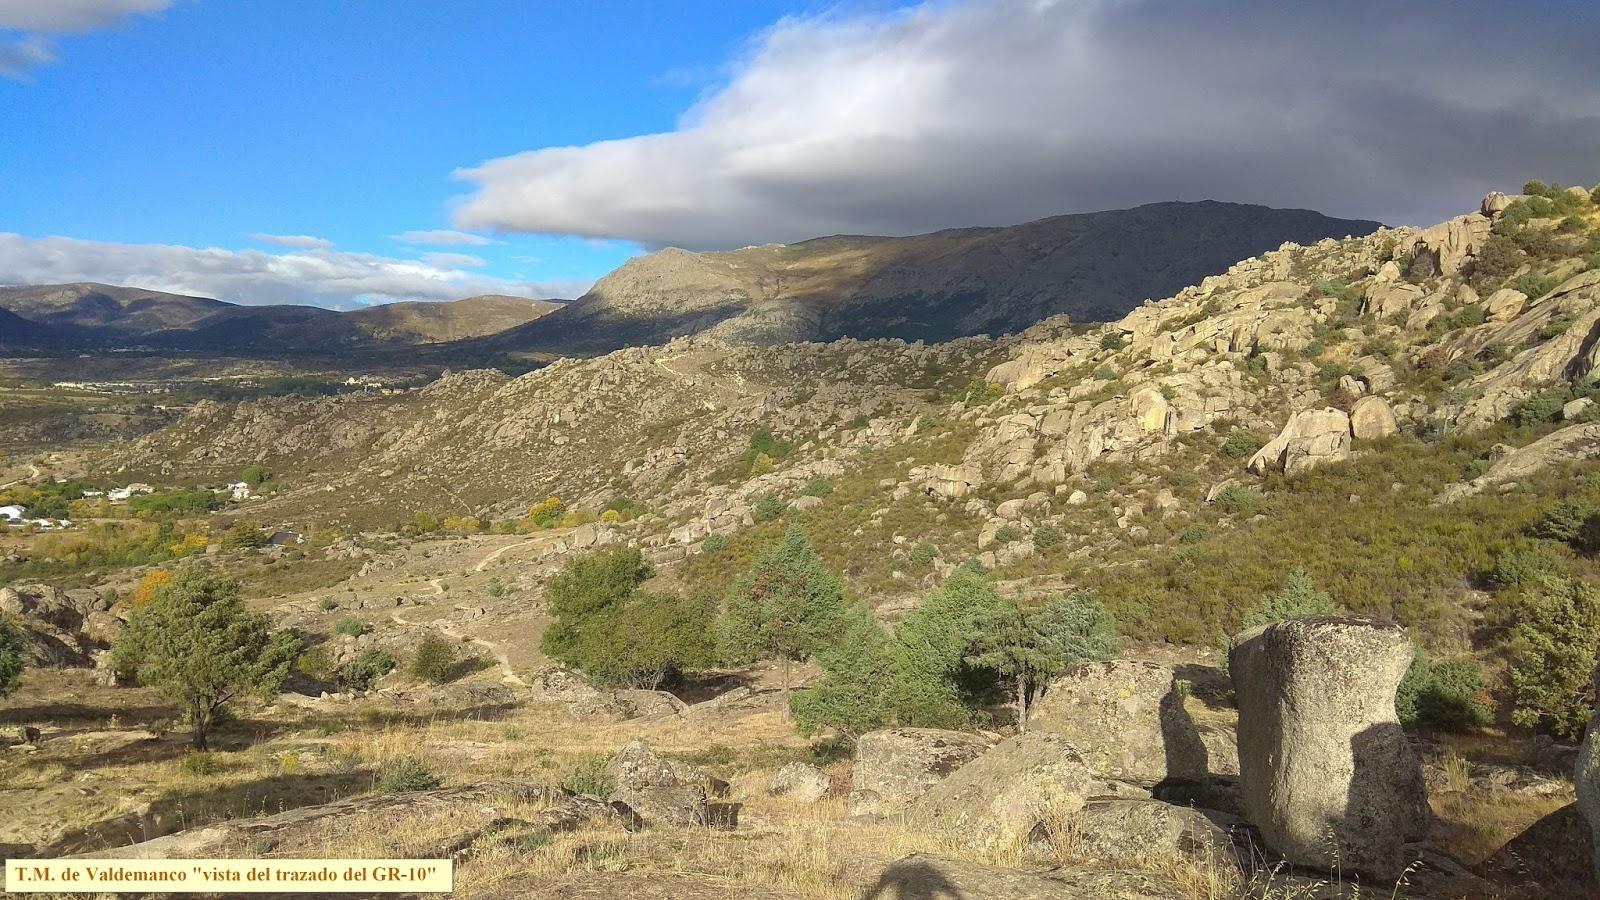 Sierra De Madrid Y Mas La Cabrera Gr 10 Valdemanco Sierra De La